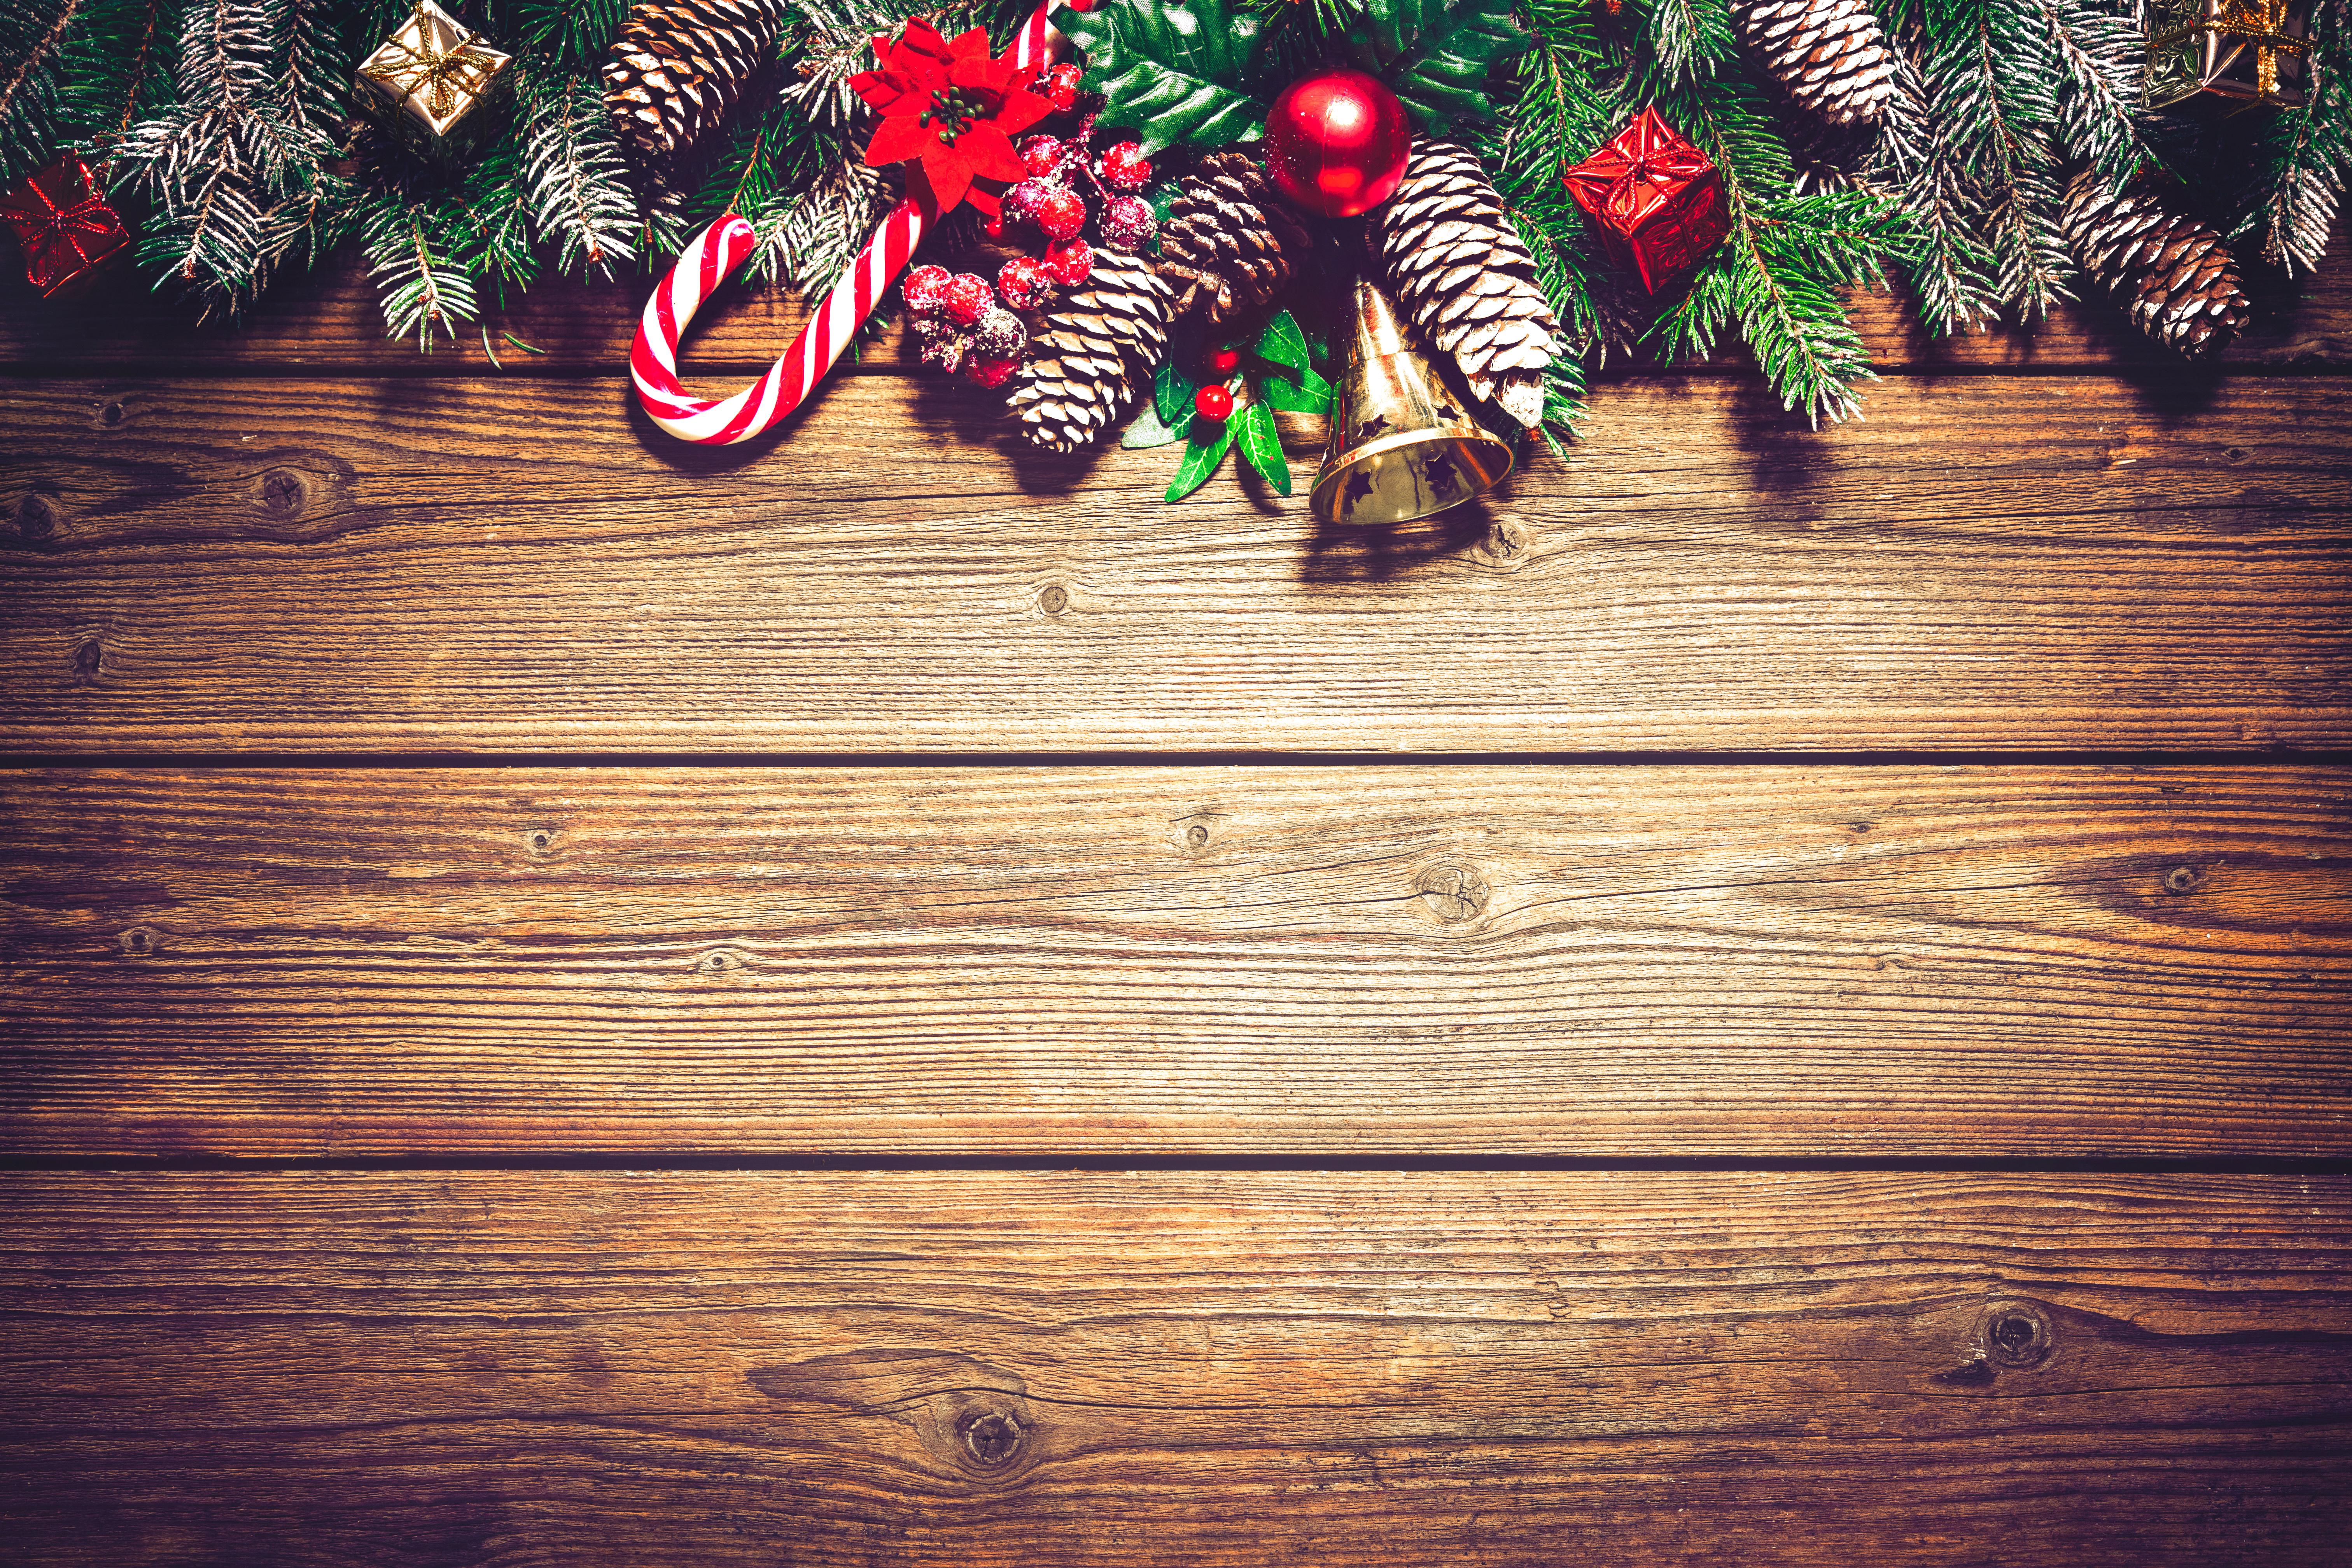 Weihnachten Wallpaper.Christmas 5k Retina Ultra Hd Wallpaper Background Image